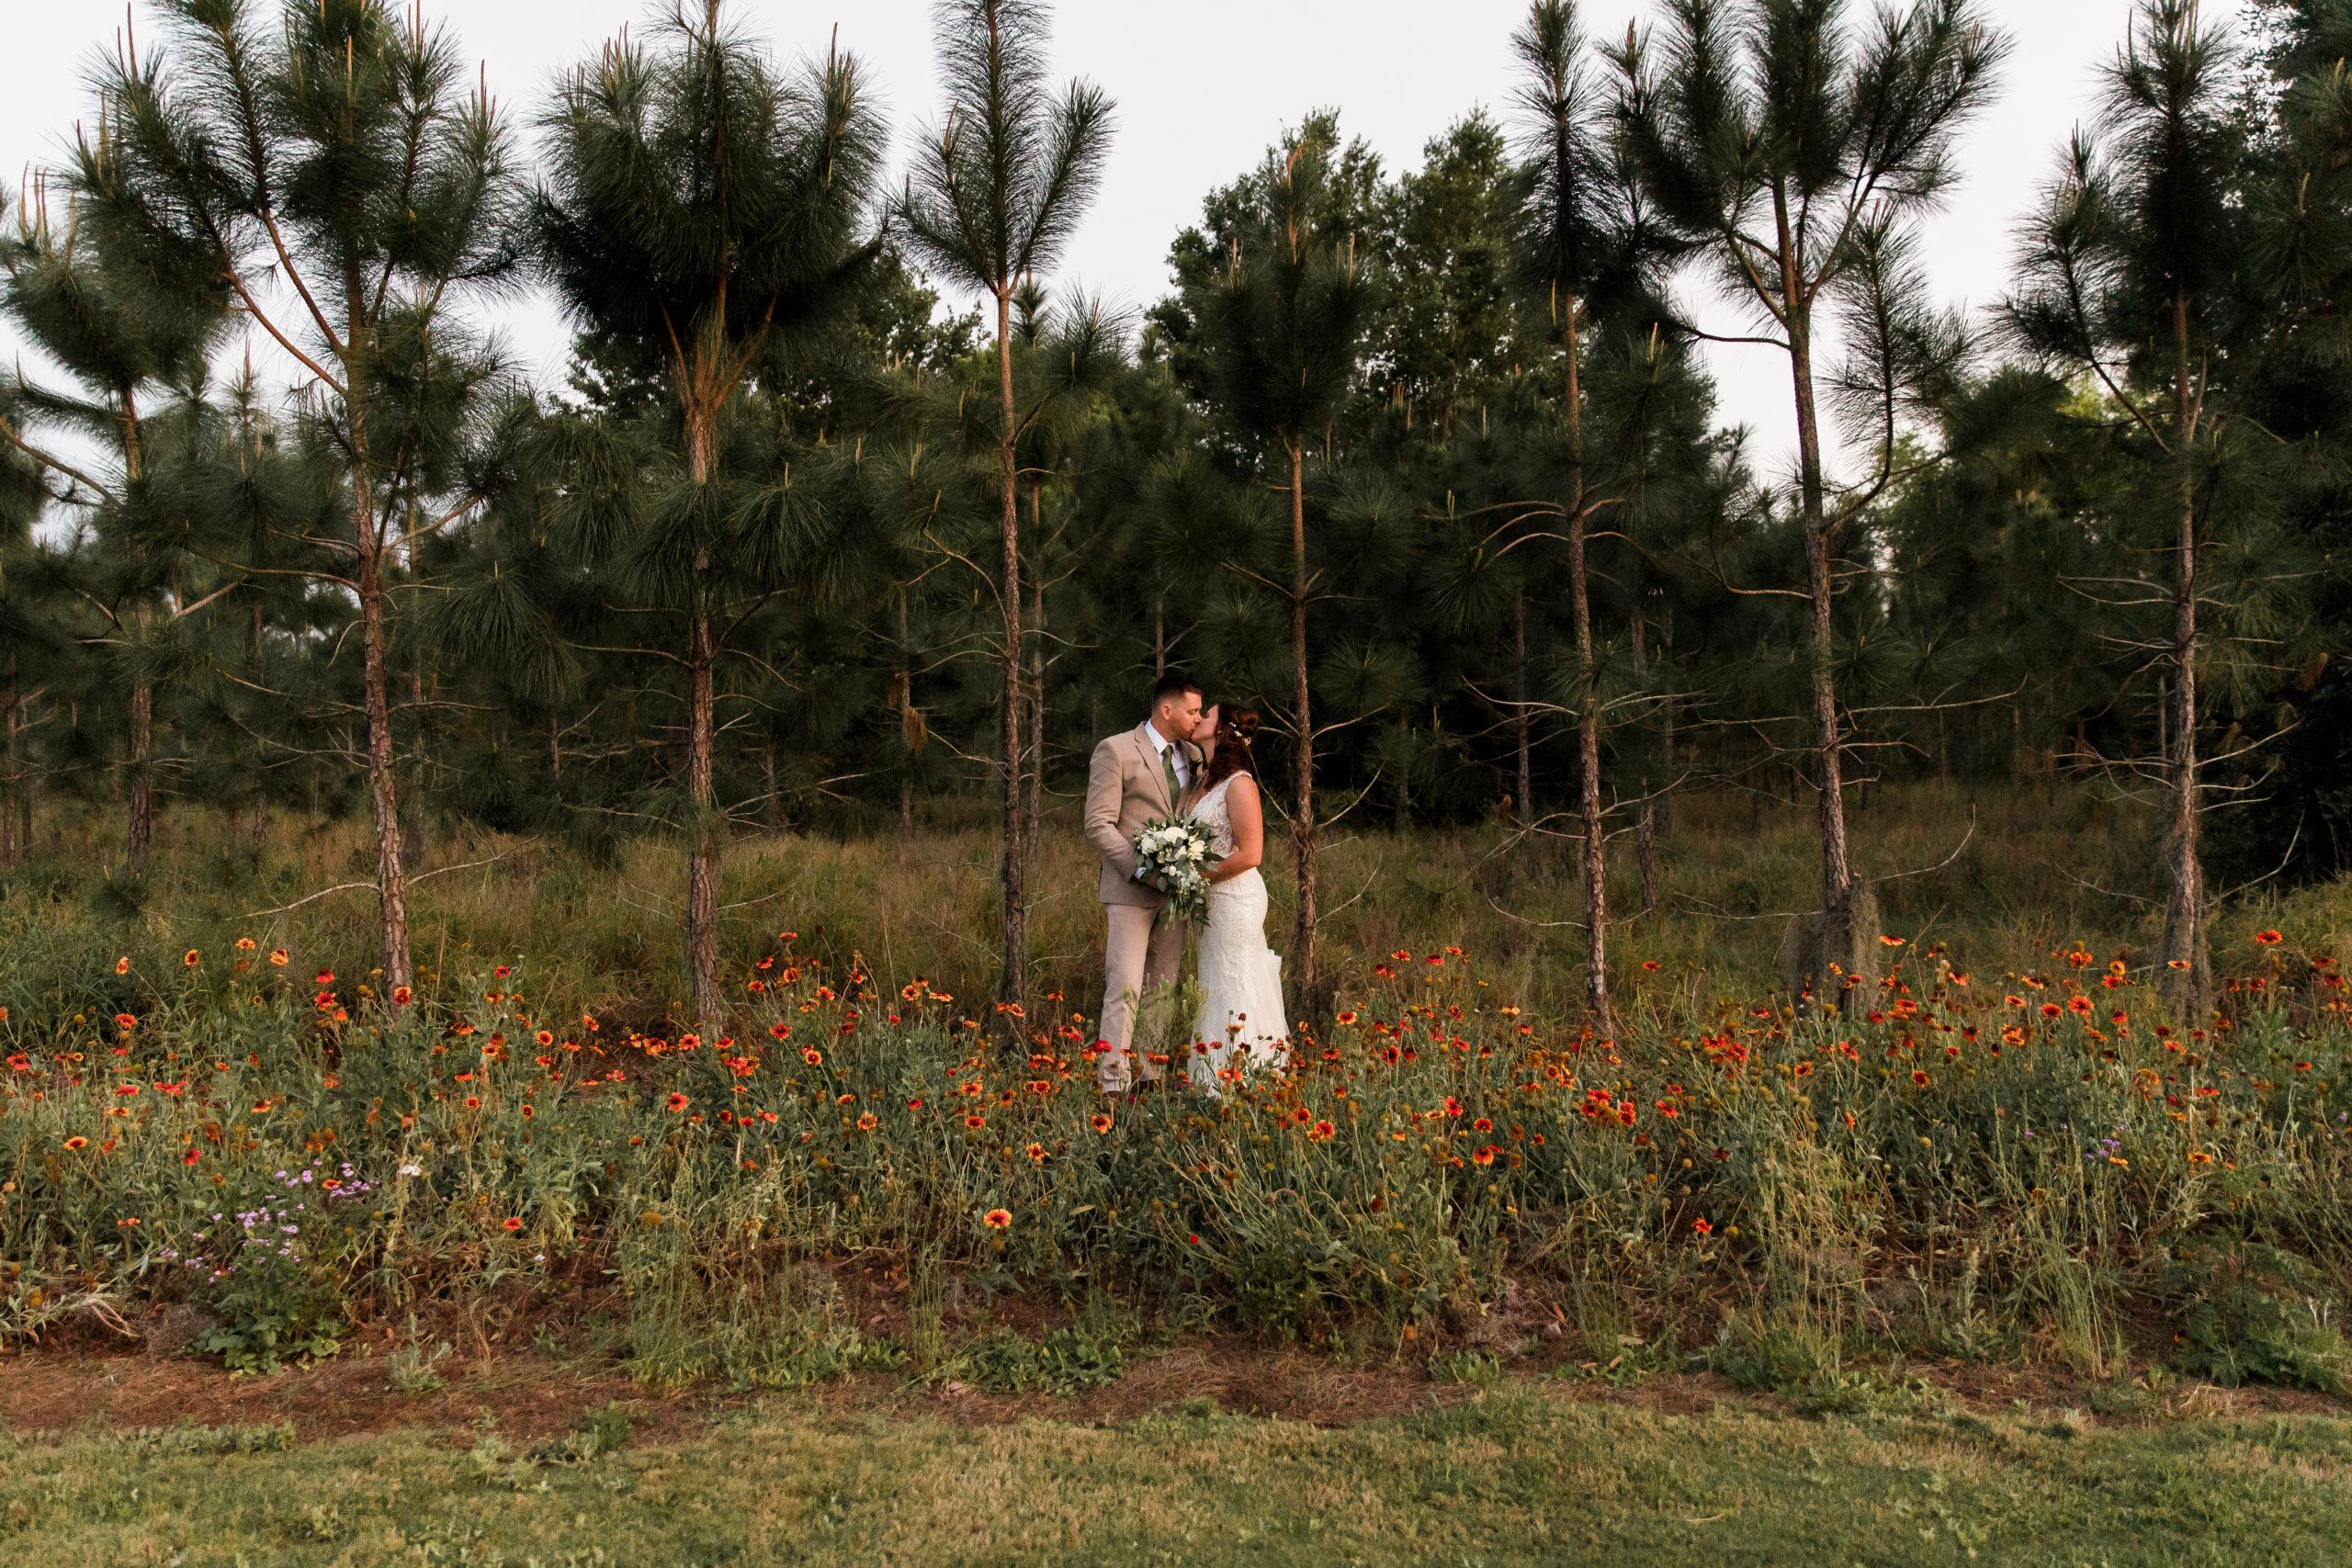 Bride and Groom standing in wildflowers